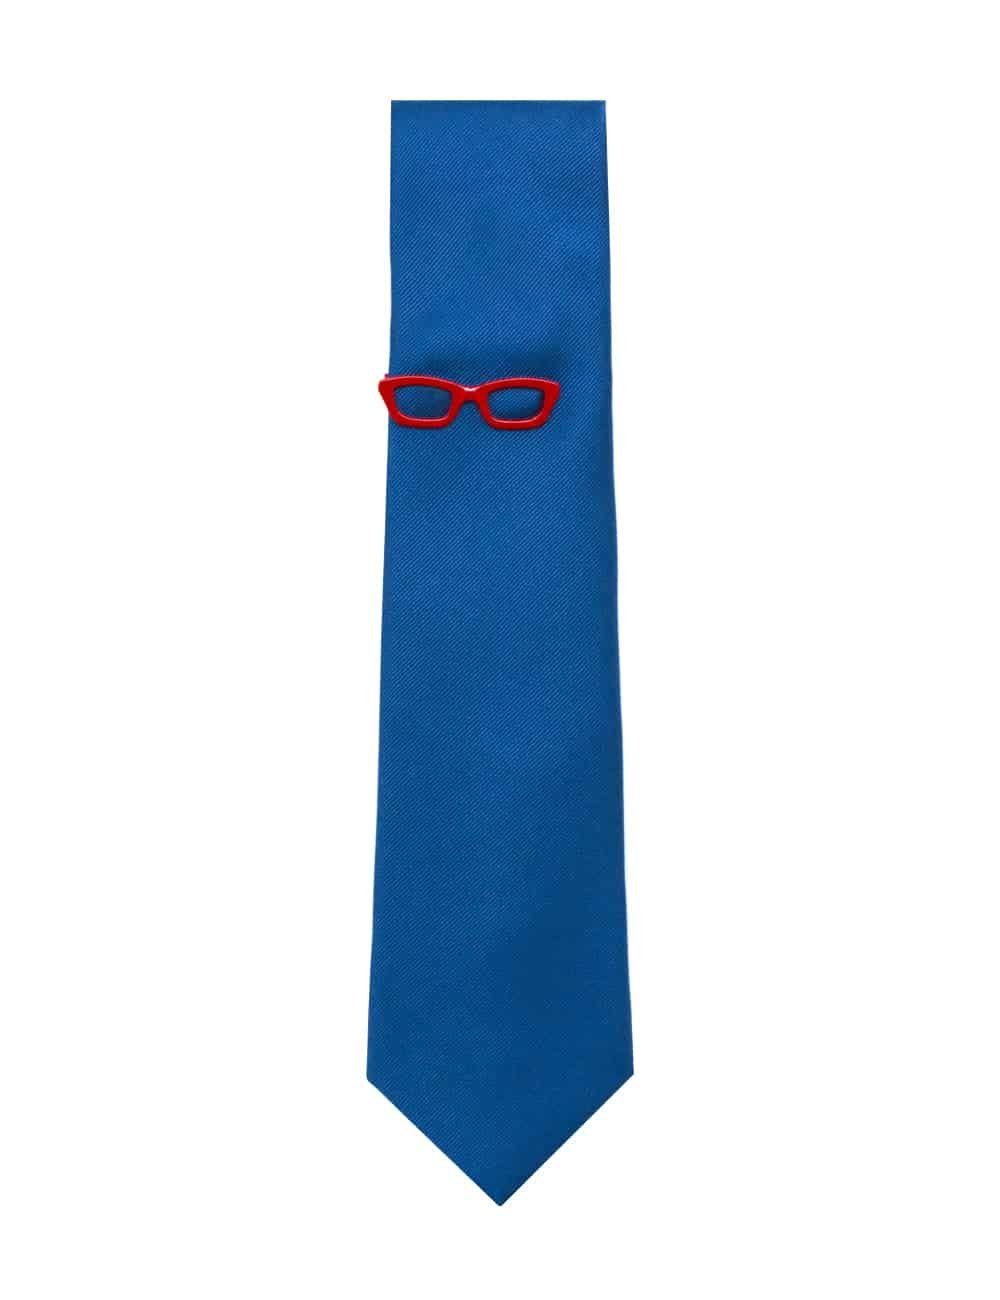 Red Frame Spec Tie Clip TC3401-001c